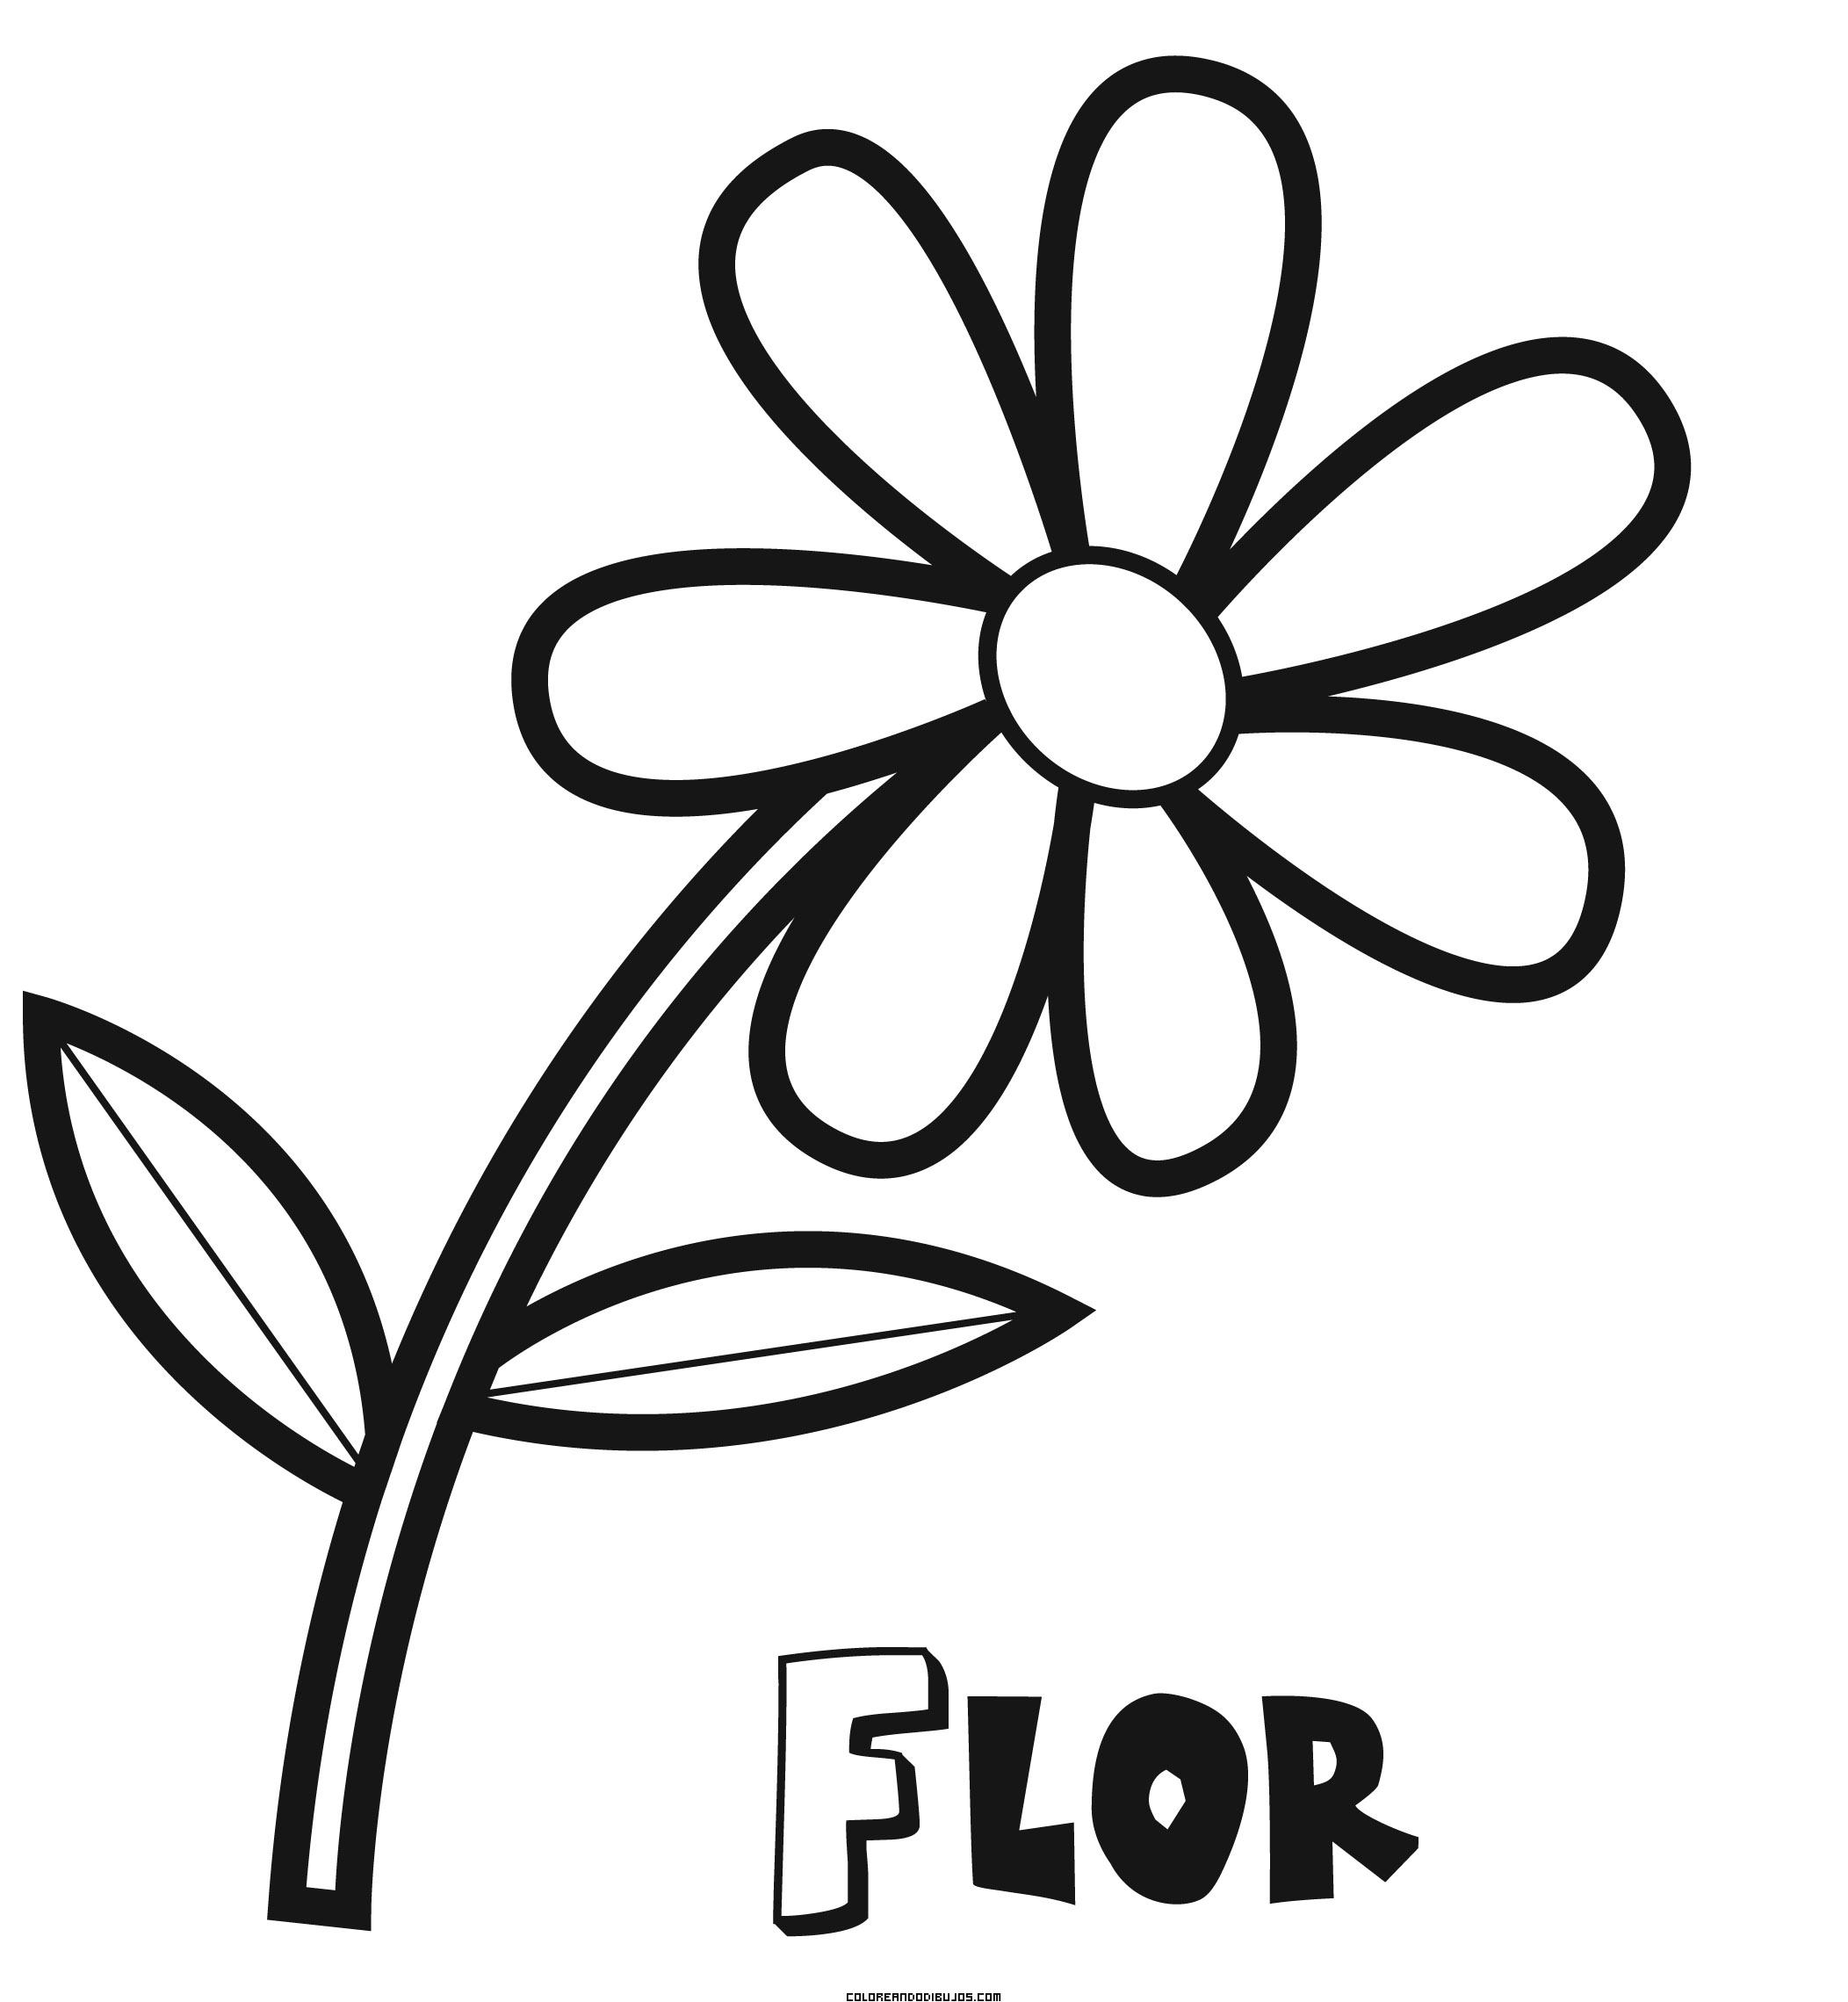 Worksheet. de una sencilla flor